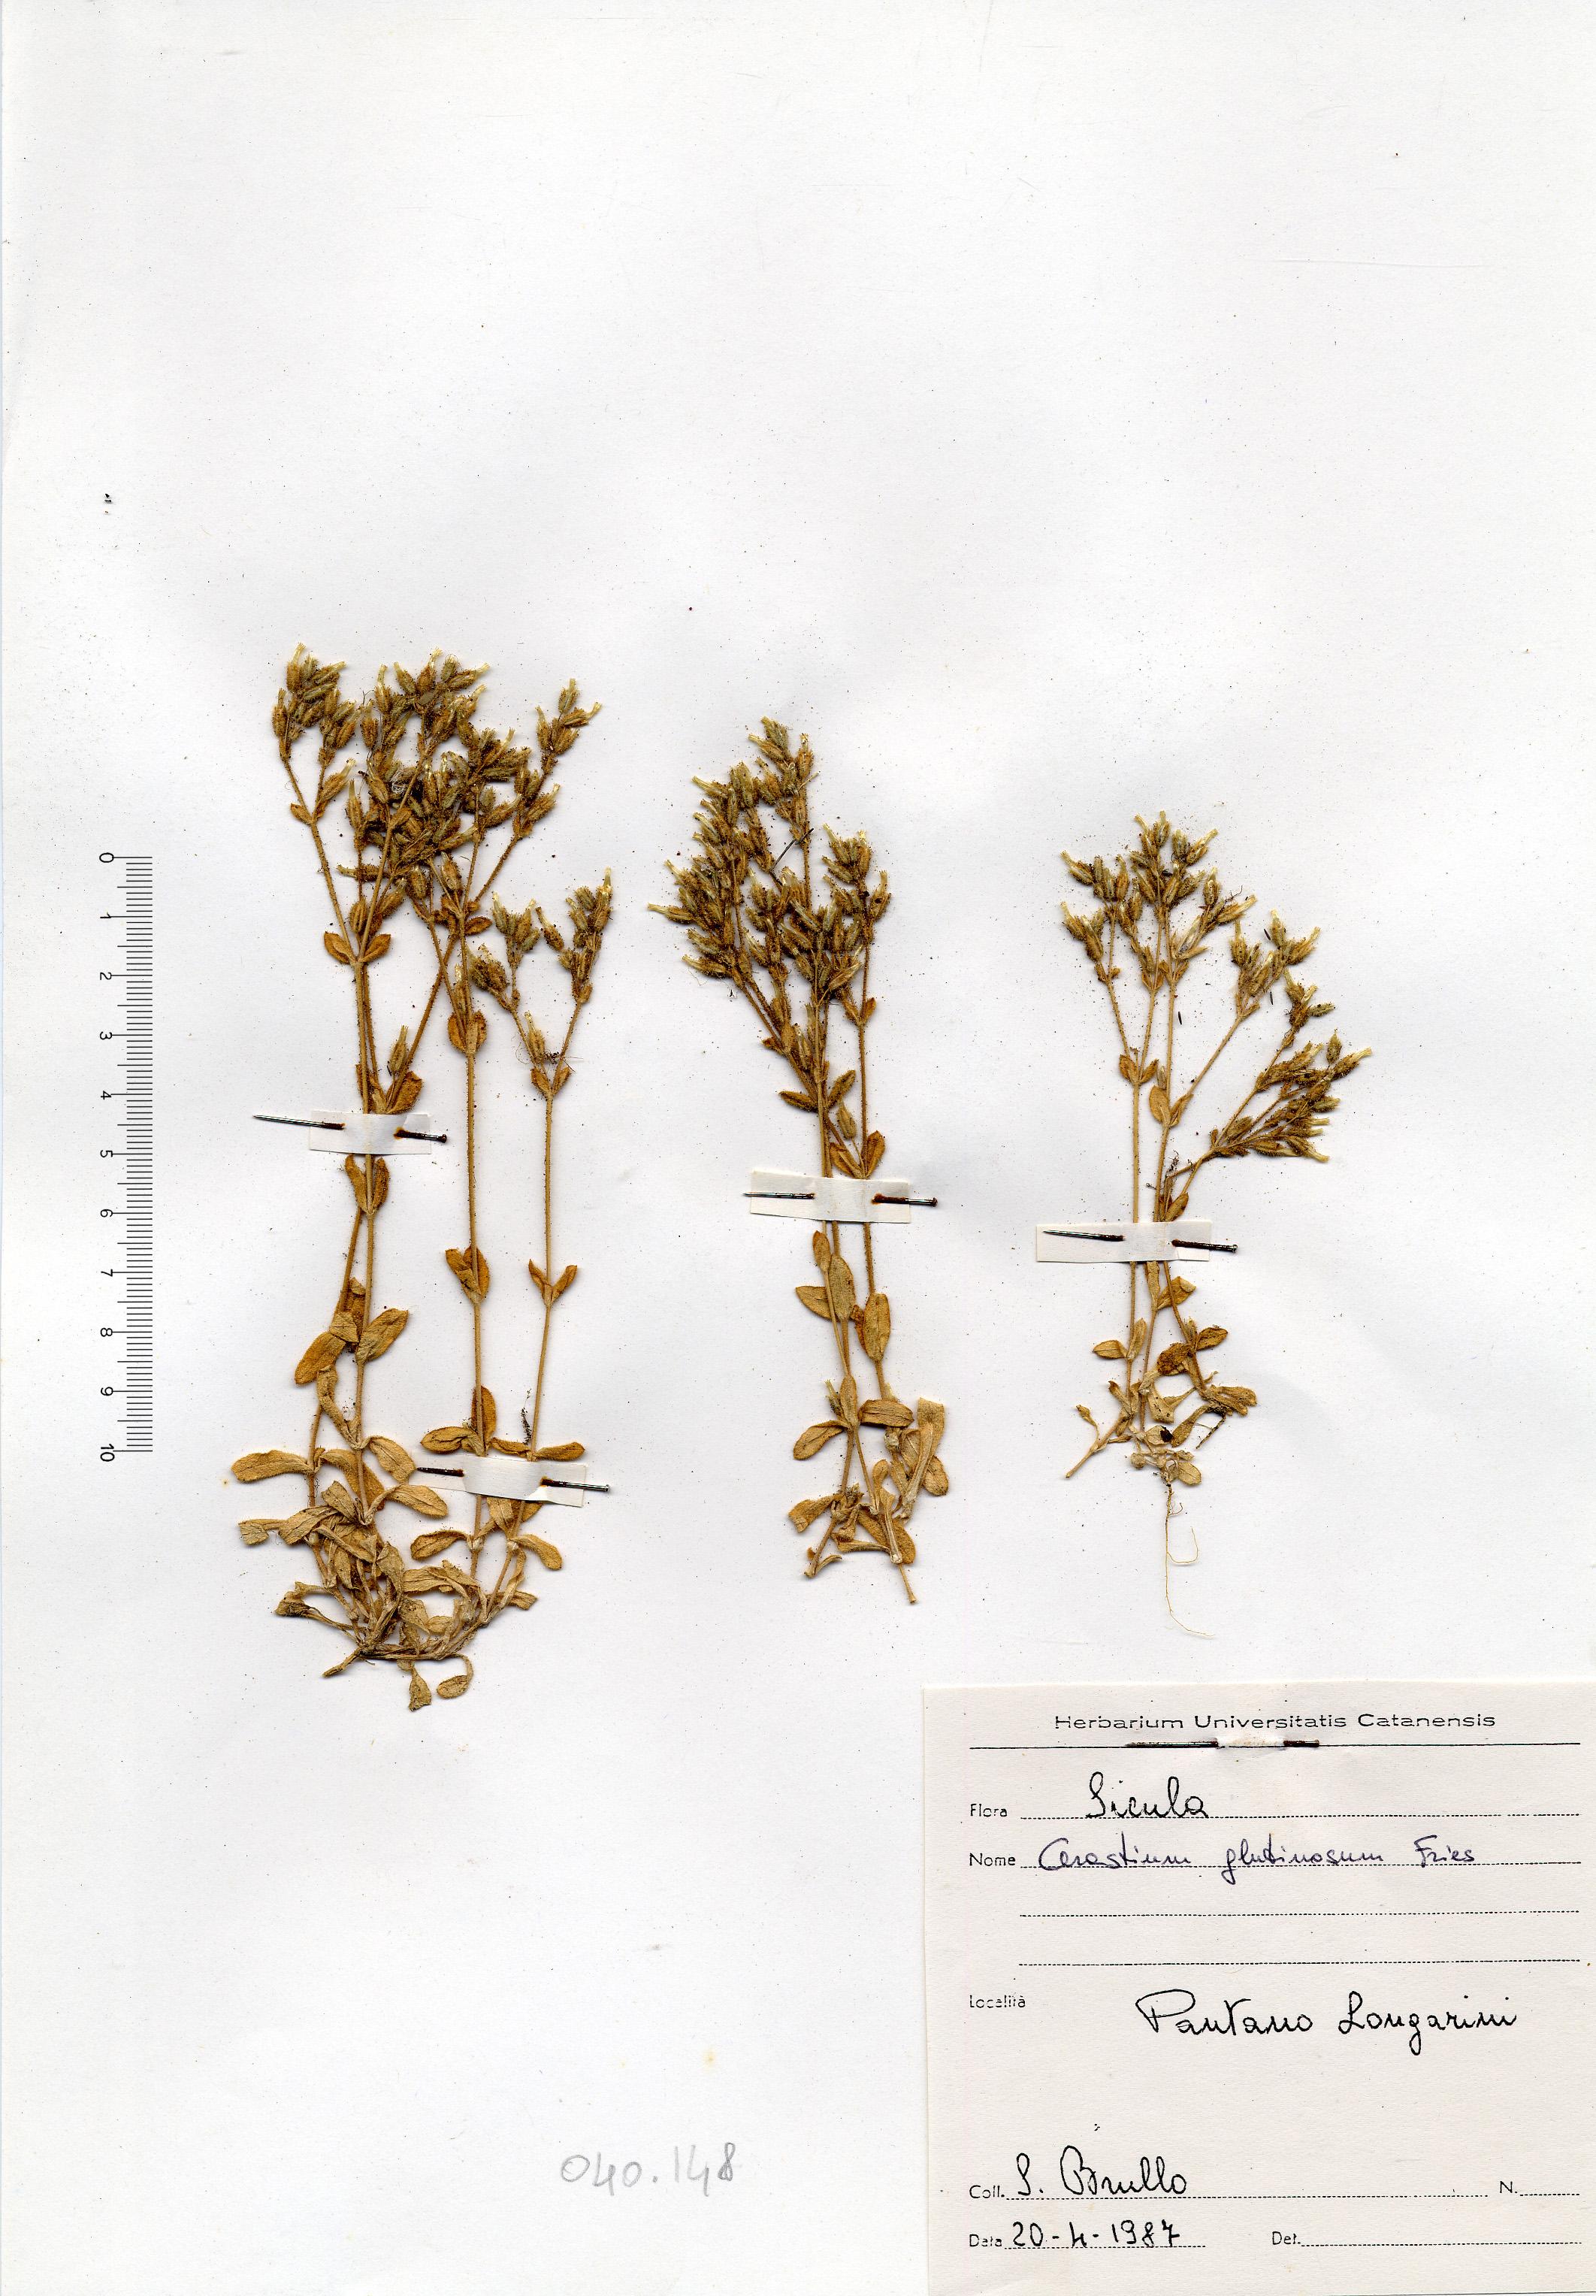 © Hortus Botanicus Catinensis - Herb. sheet 040148<br>